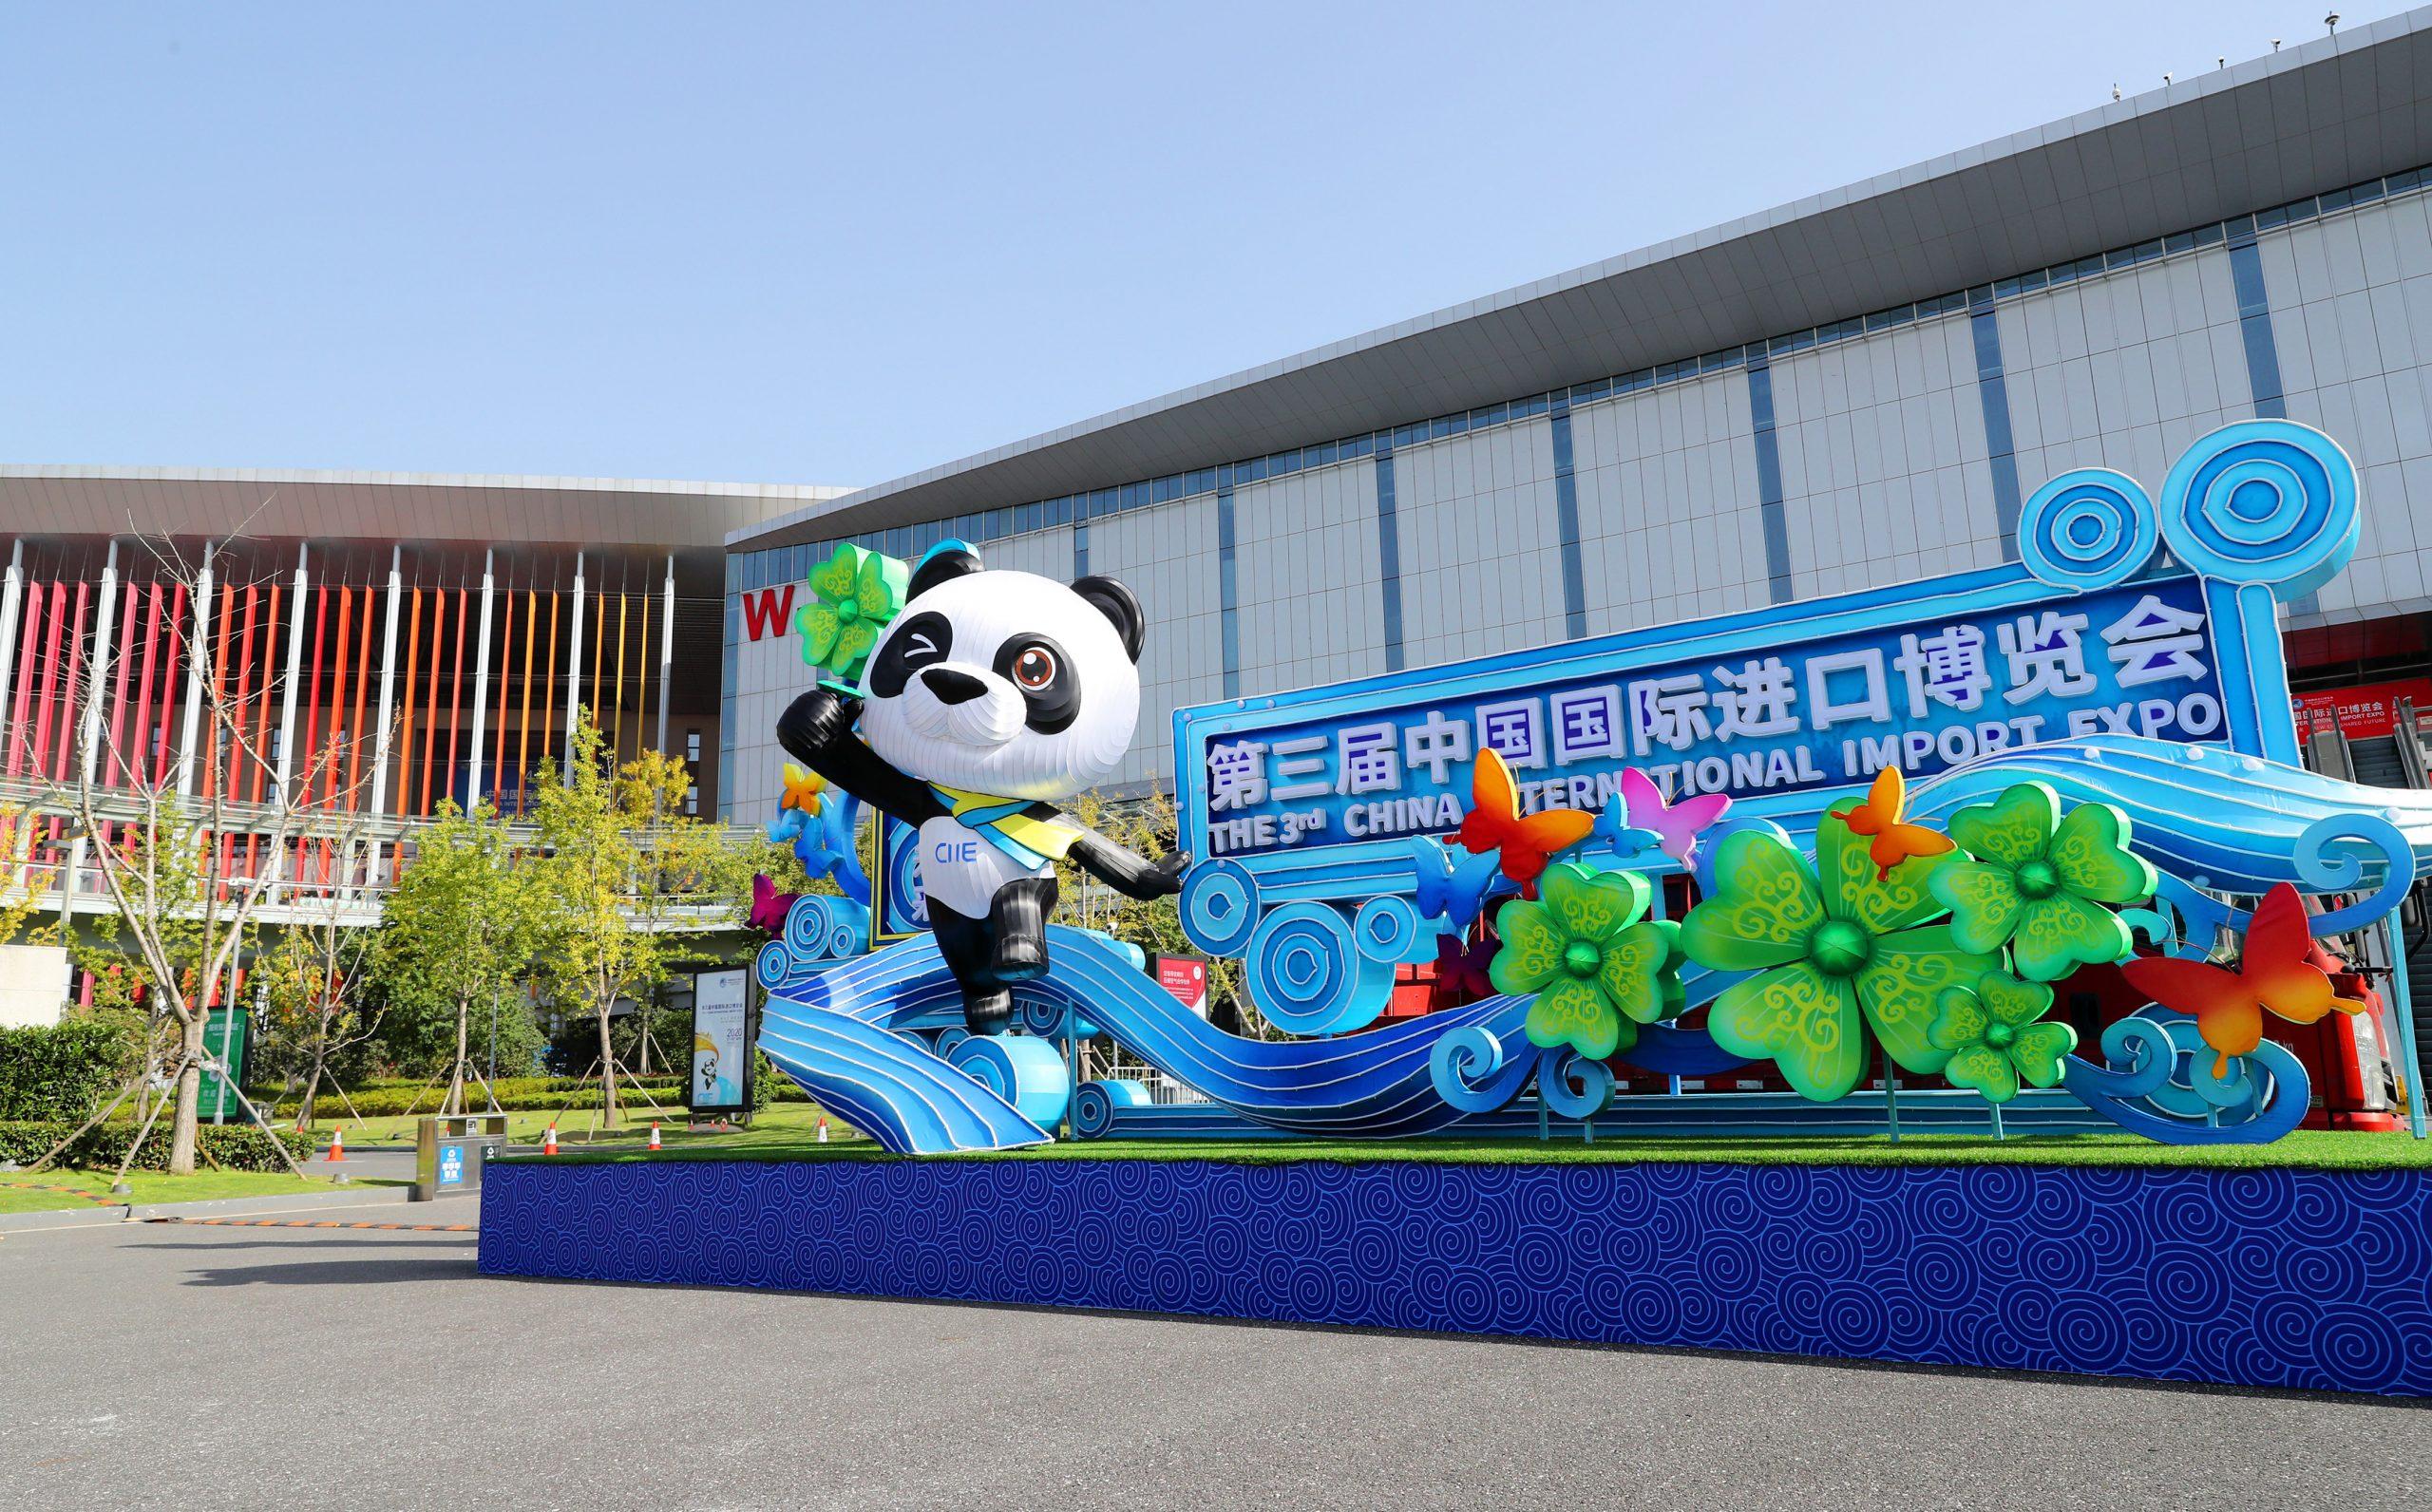 La 4ª expo CIIE lanza evento promocional para atraer empresas extranjeras